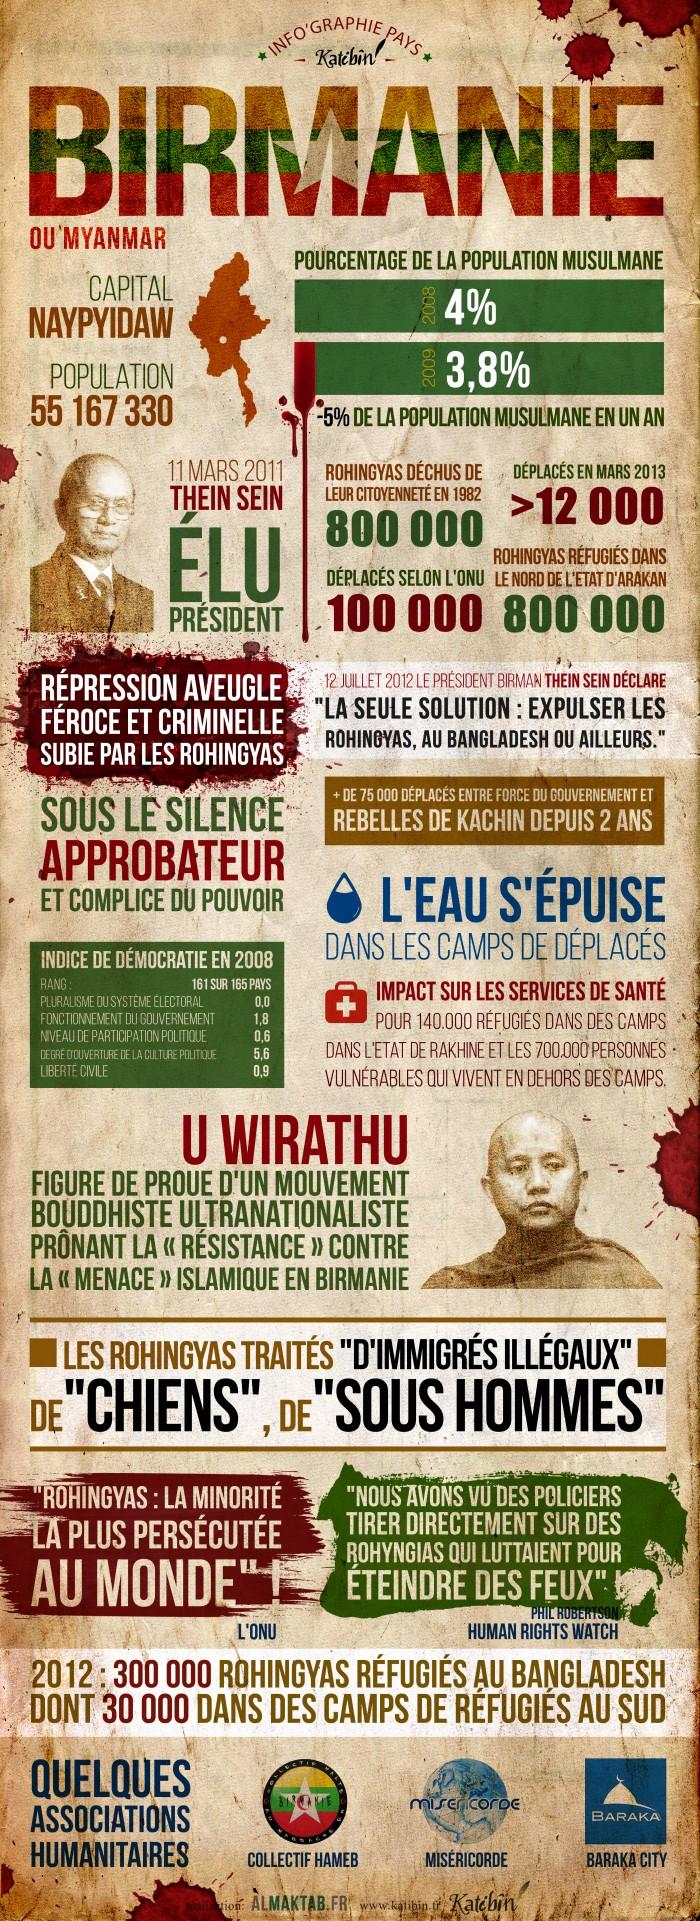 birmanie infographie une